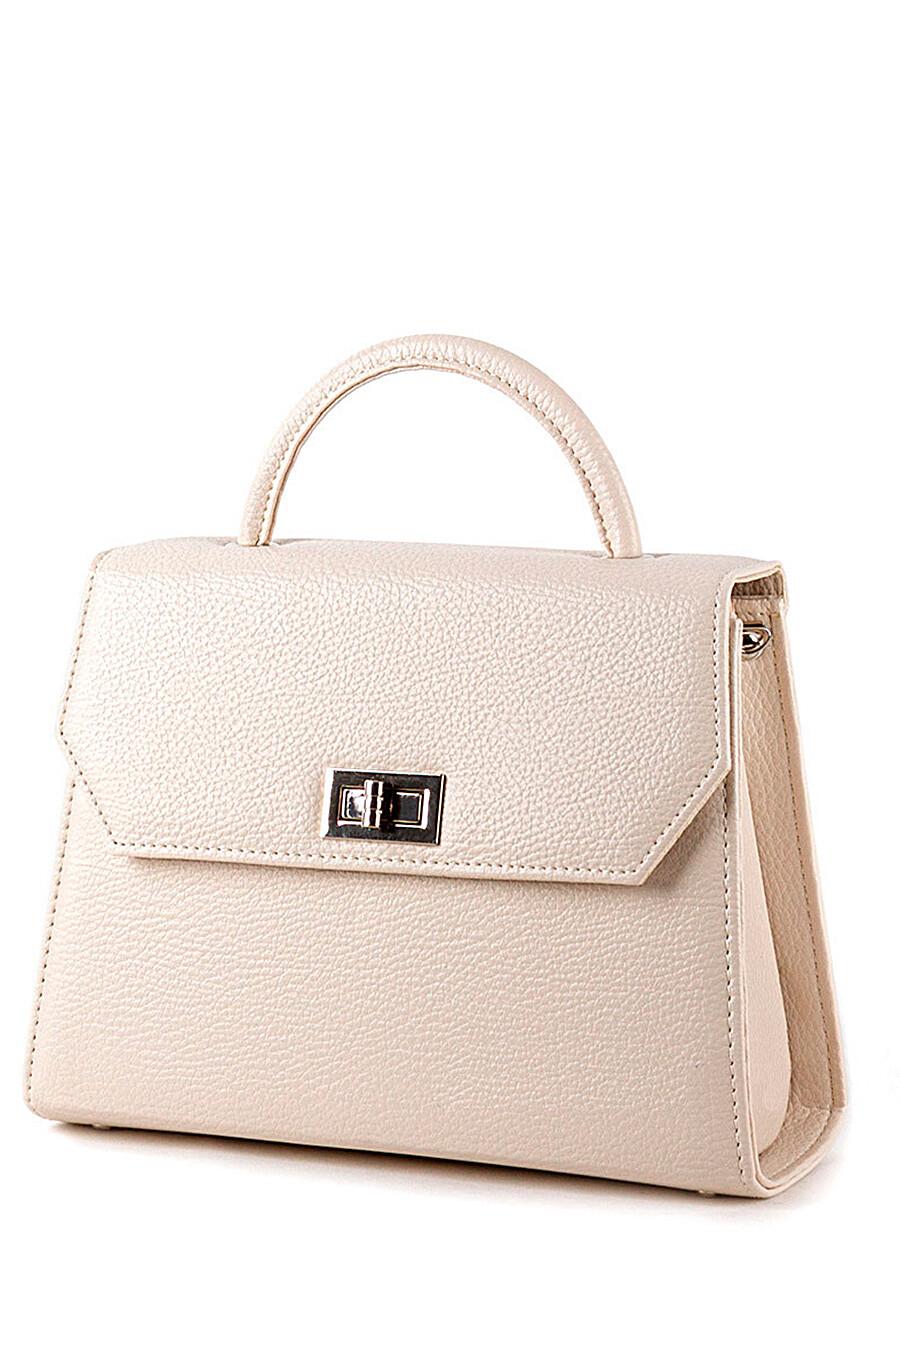 Сумка для женщин L-CRAFT 668002 купить оптом от производителя. Совместная покупка женской одежды в OptMoyo